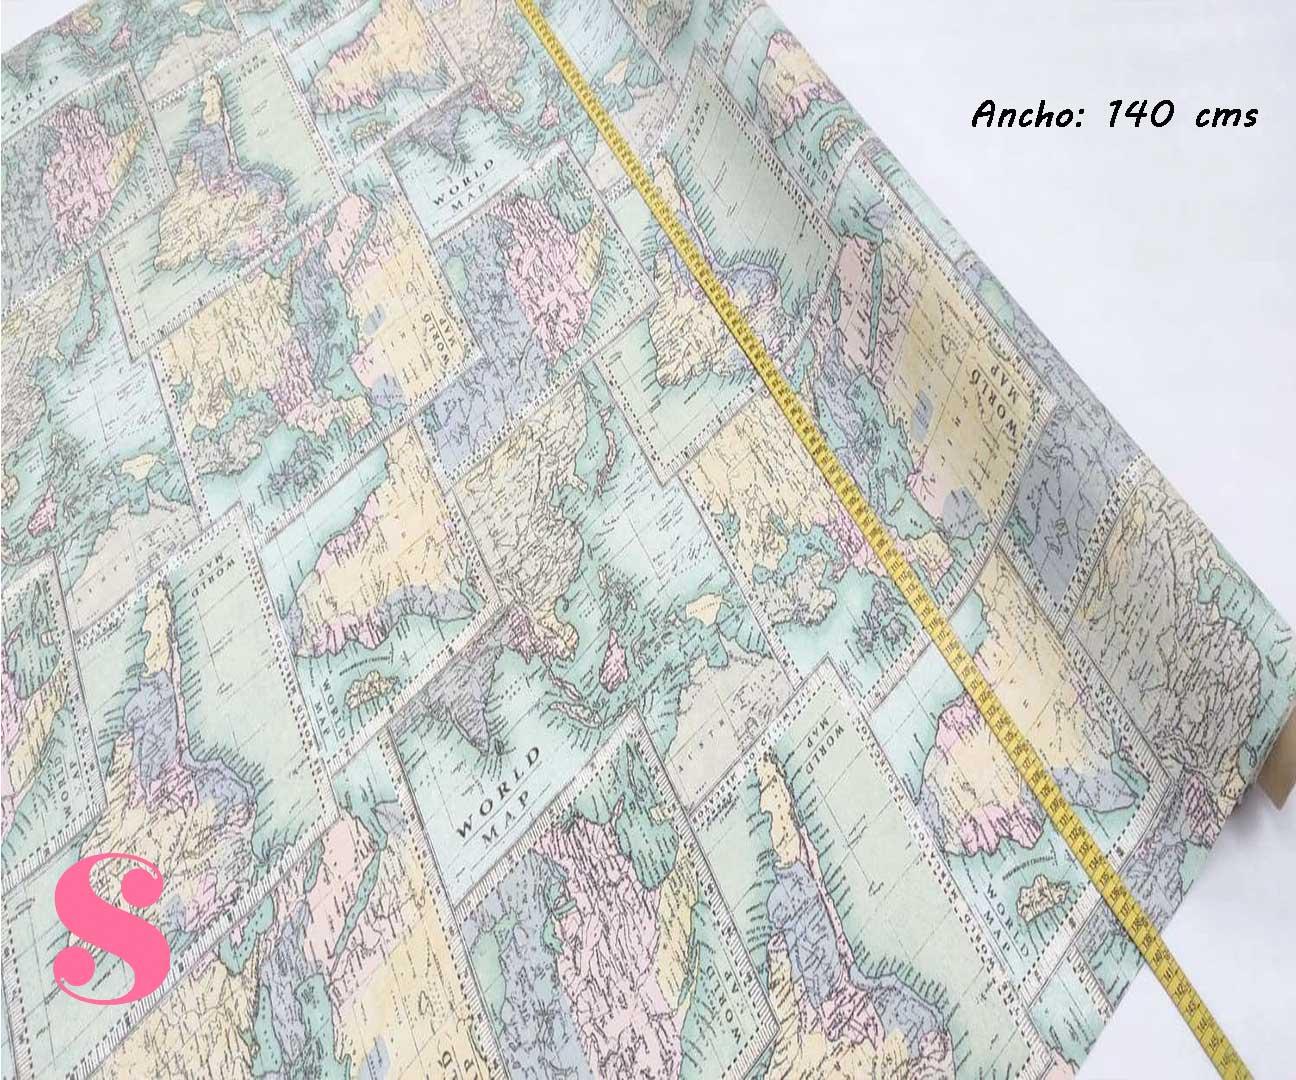 301-paises-mundo-mantel-estampado-hules-antimanchas-facil-lavado,Mantel Paises Mundo Resinado Antimanchas